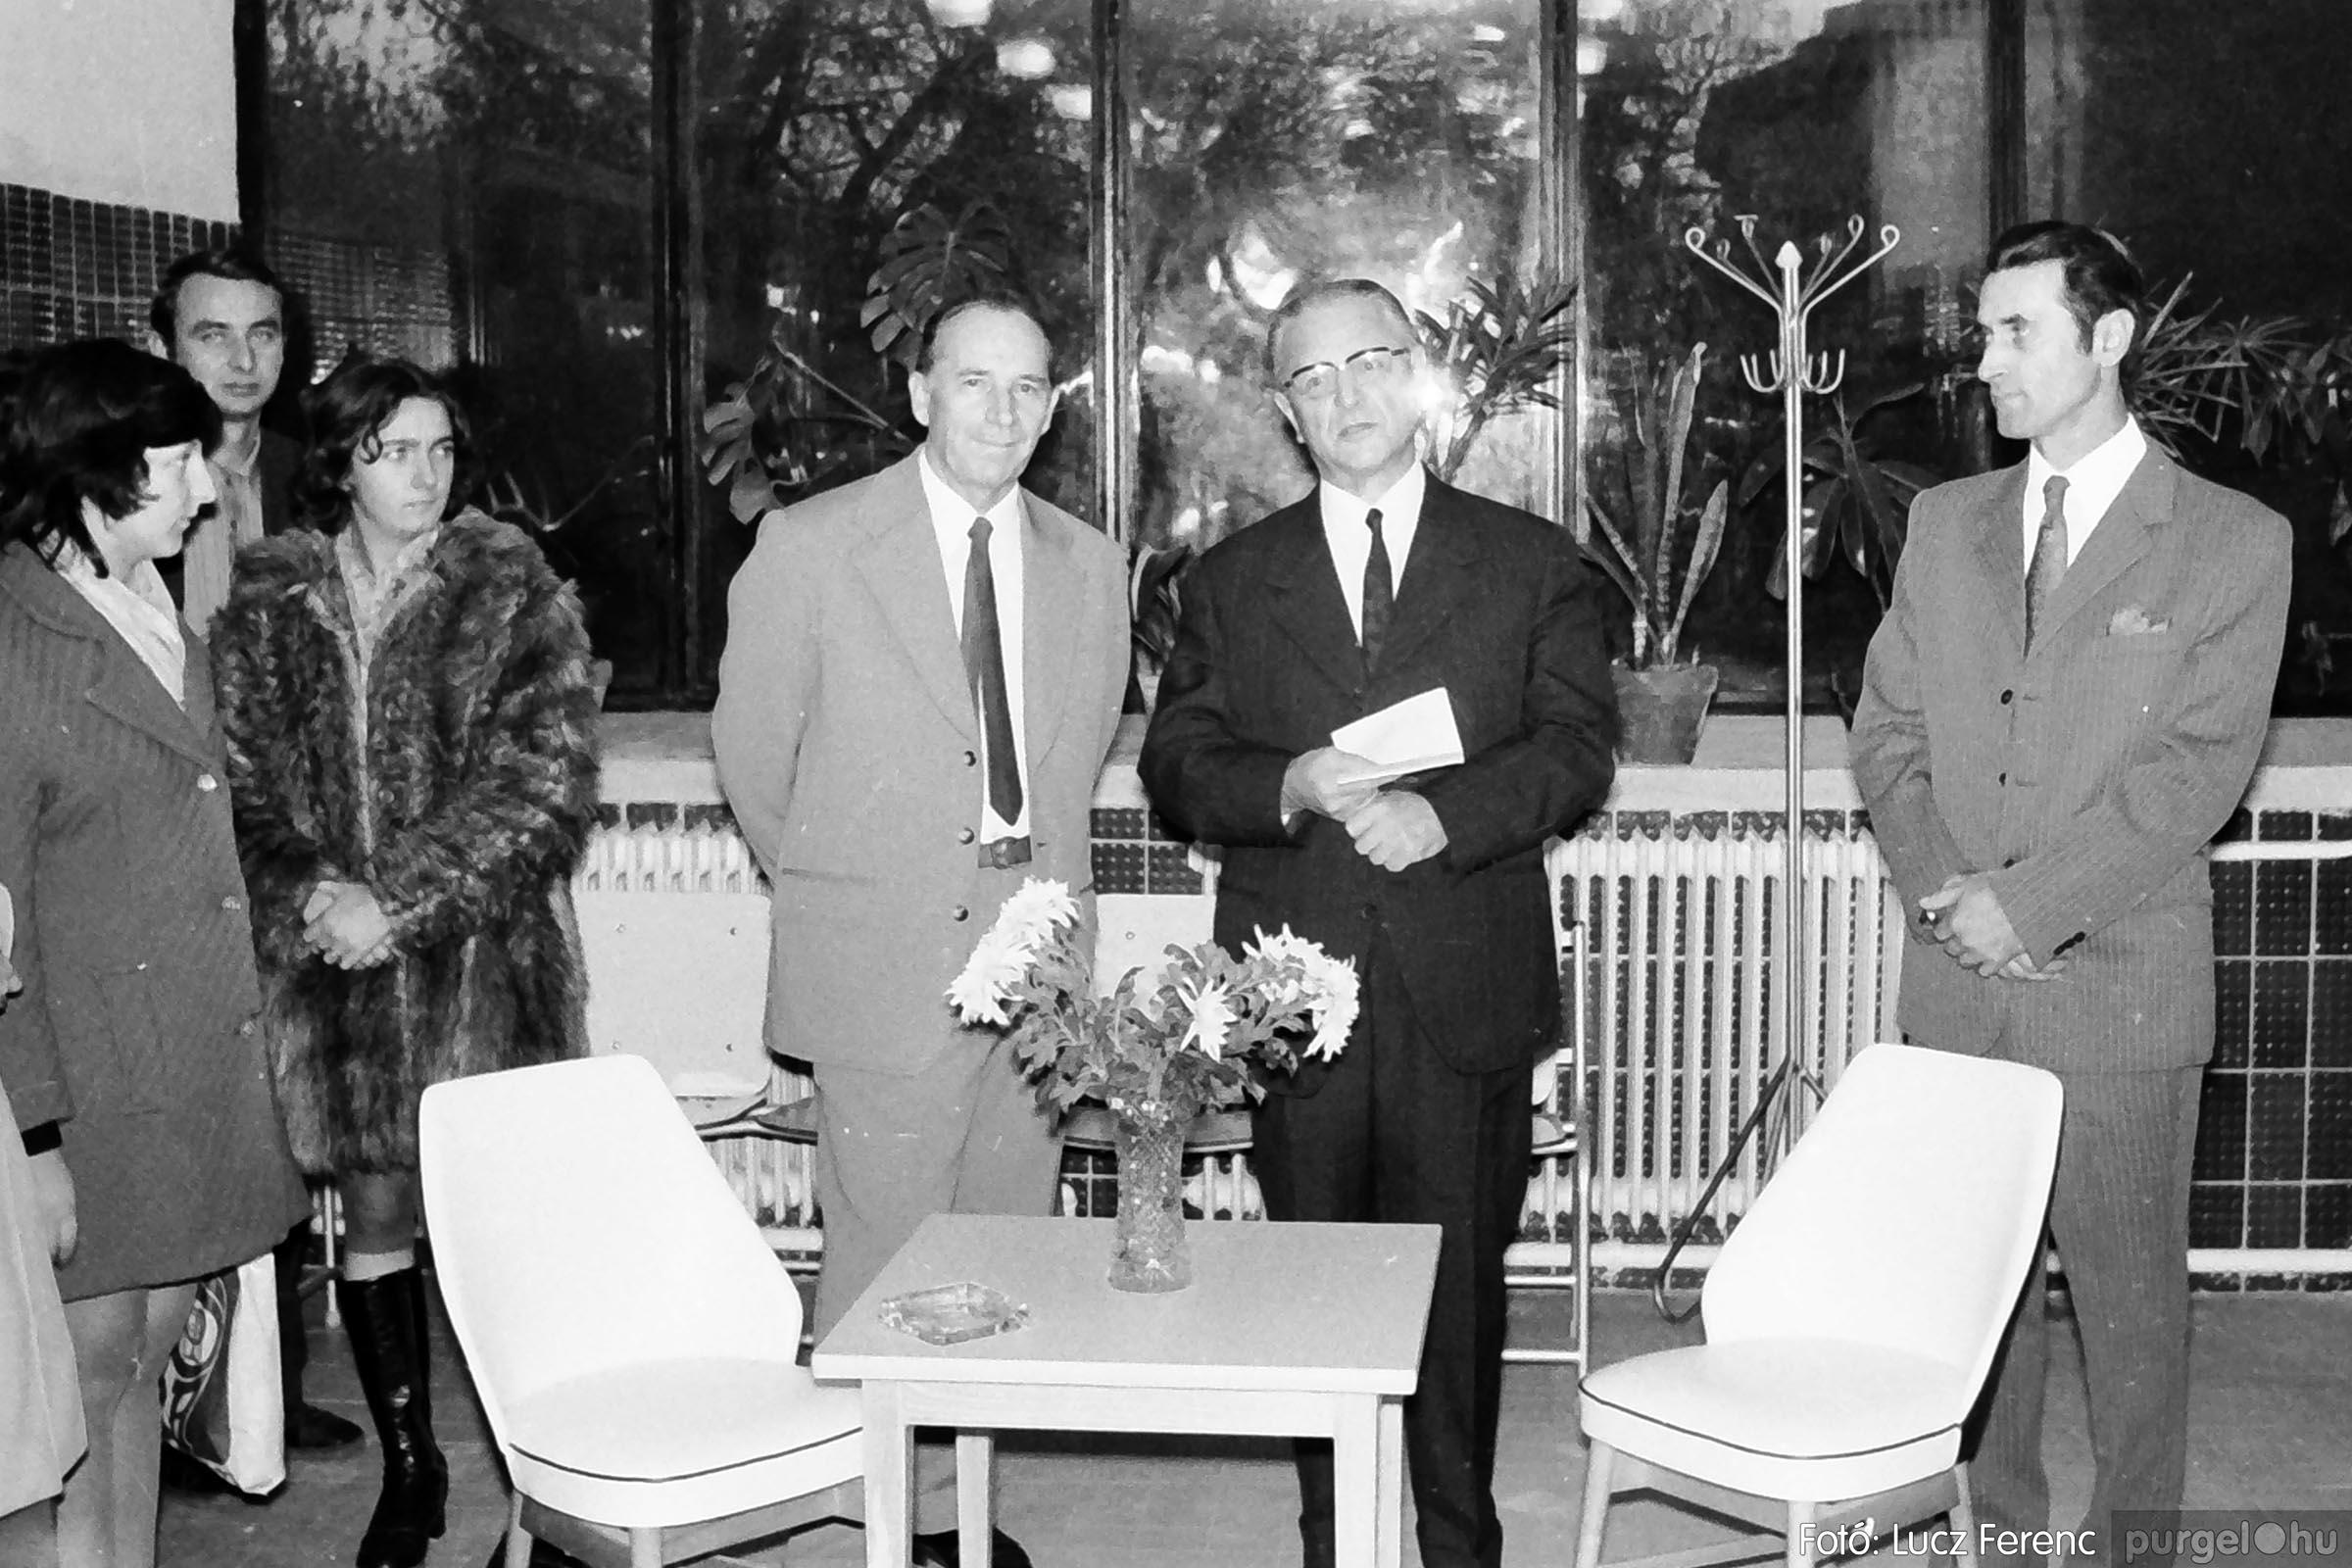 002 1970-es évek - Orvosi rendelő épületének átadása 003 - Fotó: Lucz Ferenc - IMG01101q.jpg